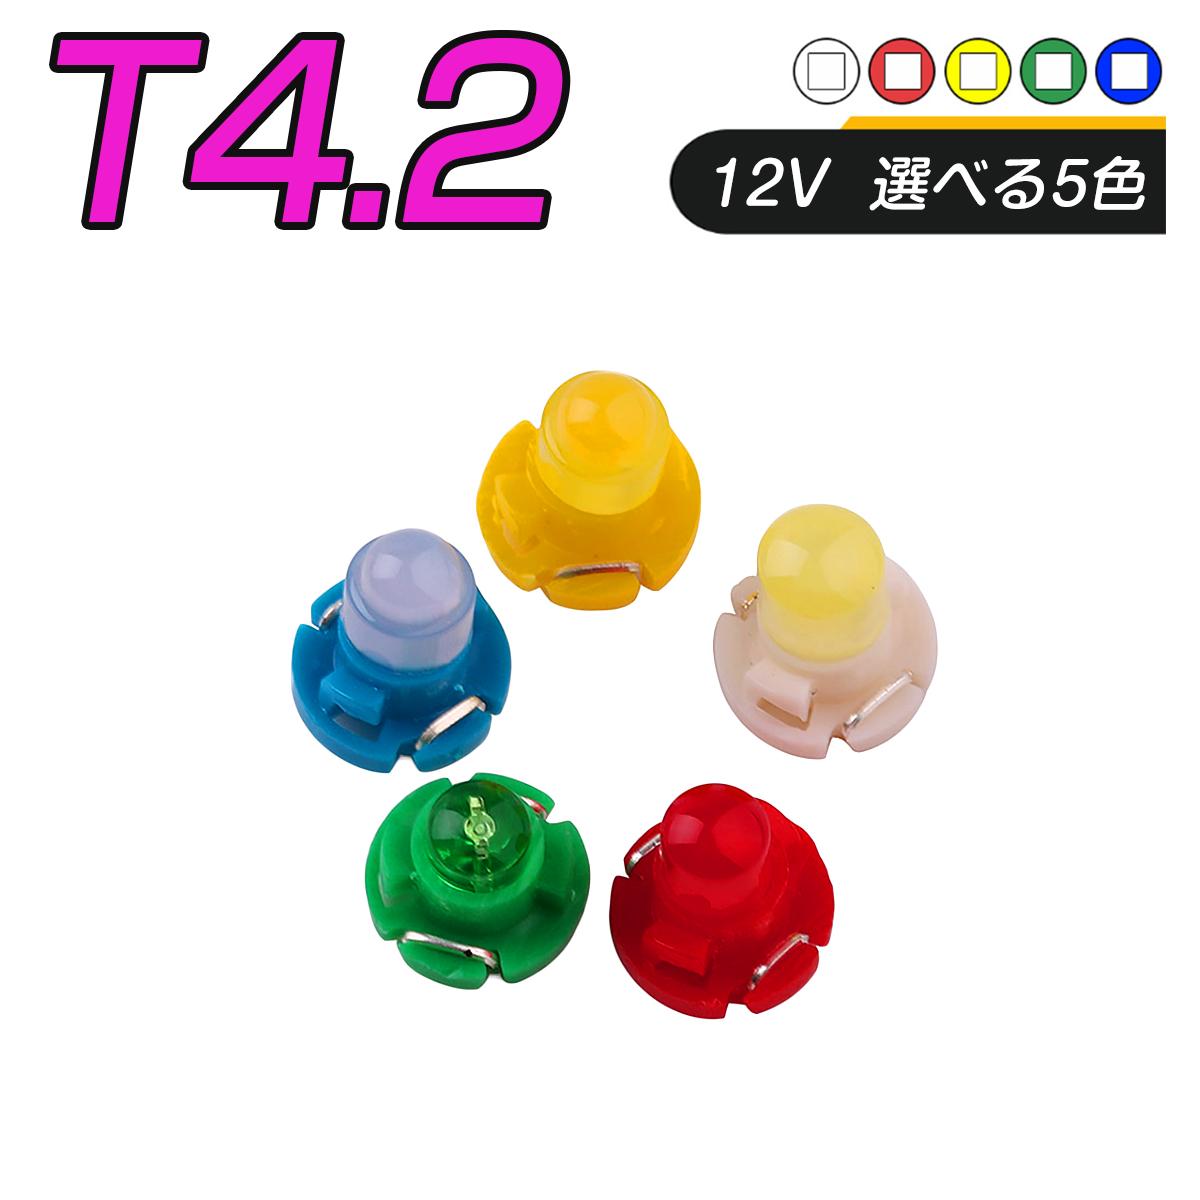 LED T4.2 SMD 選べるカラー5色 メーター球 タコランプ インジケーター エアコンパネル 超拡散 全面発光 2個セット SDM便送料無料 1ヶ月保証